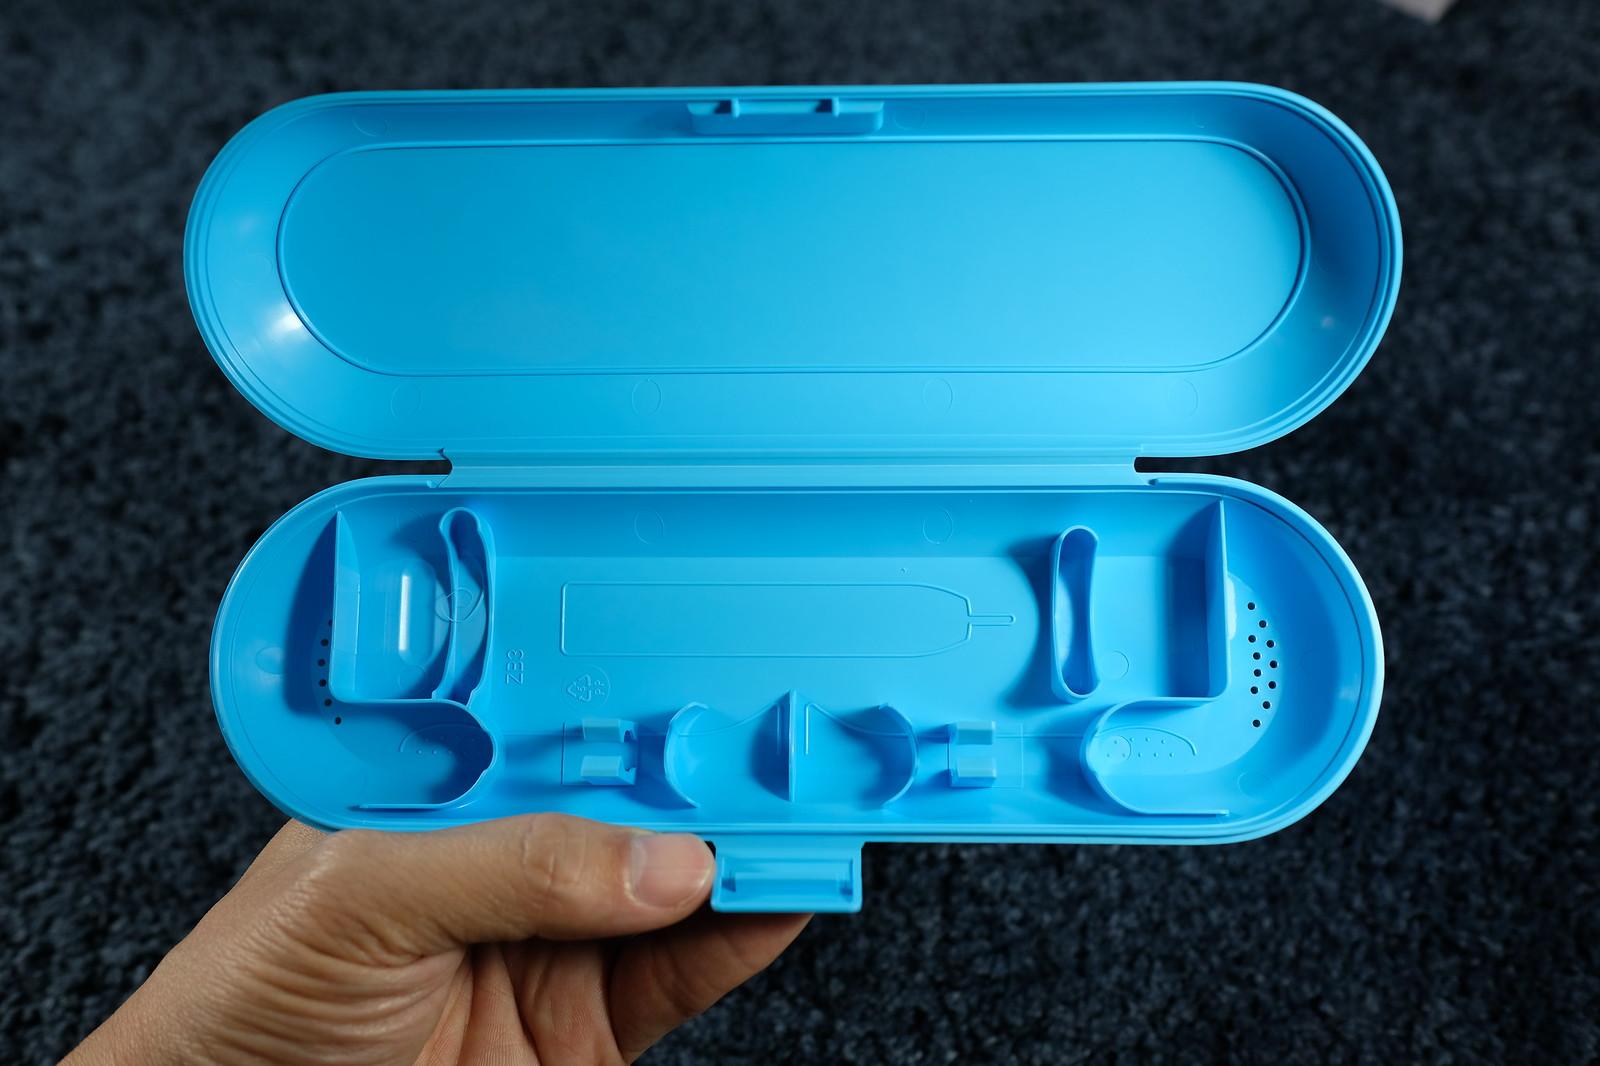 PHILIPS飛利浦 Sonicare 音波震動牙刷旅行盒內觀